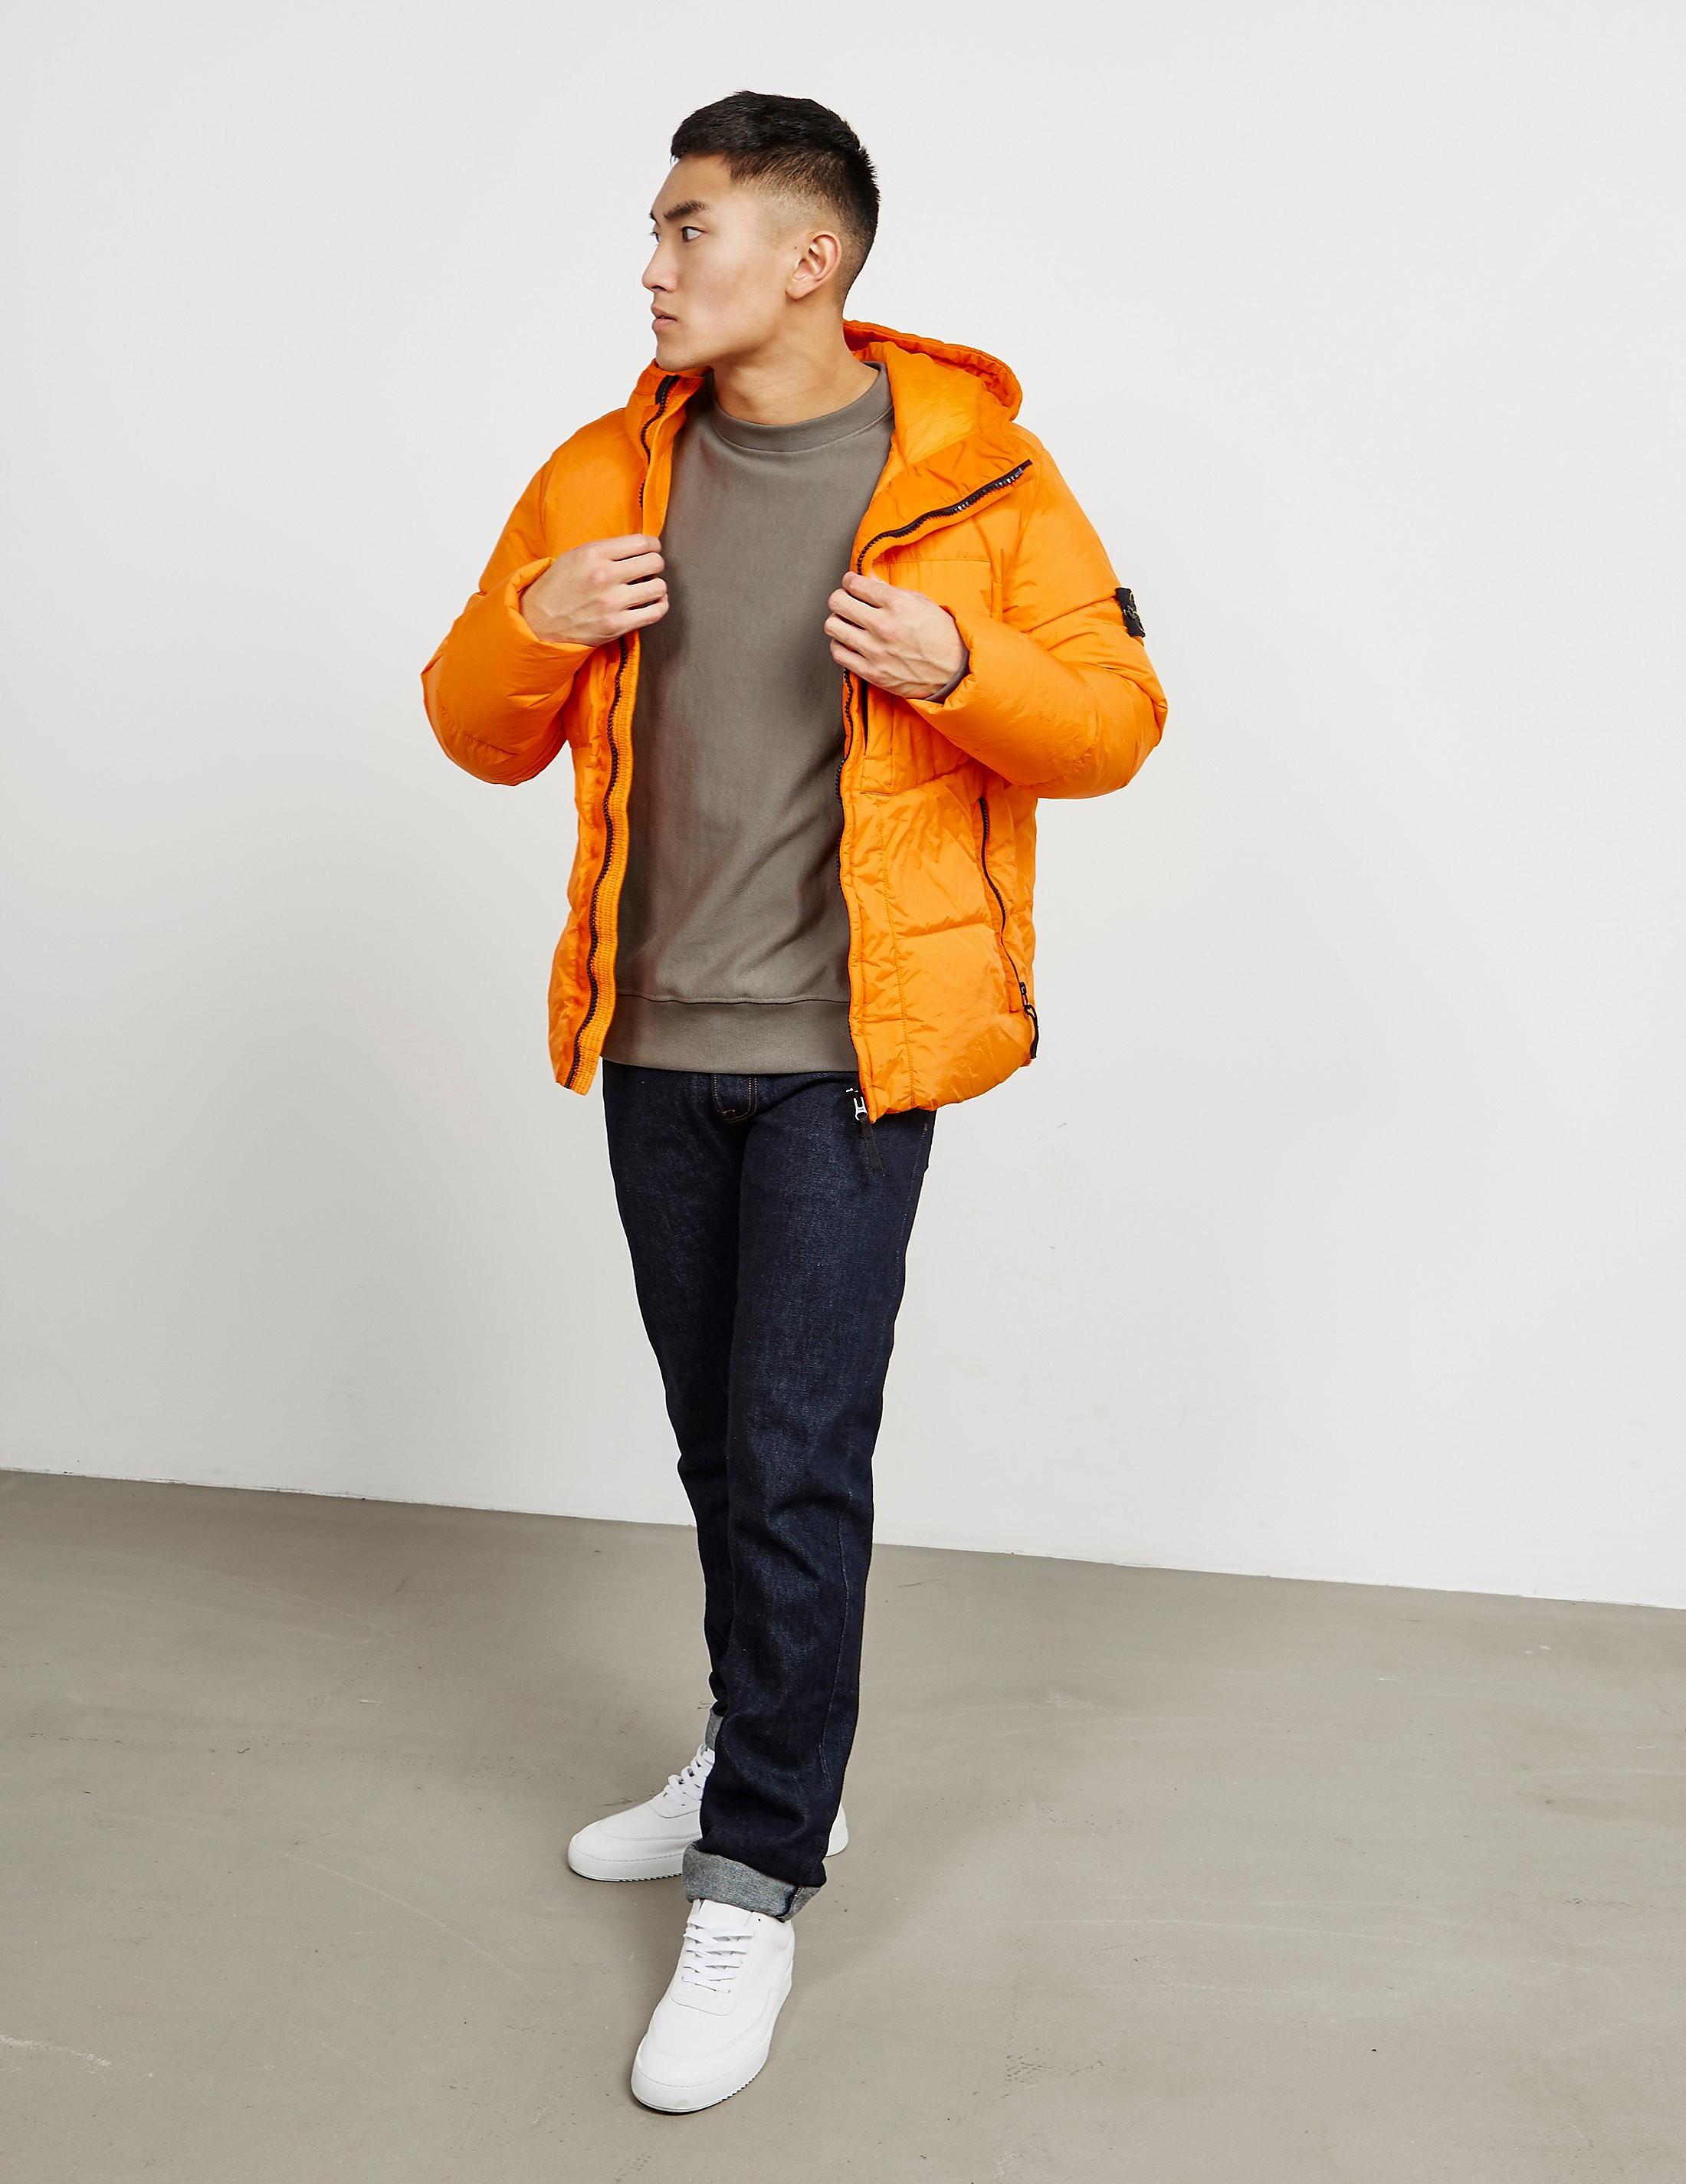 Stone Island Garment Dyed Crinkle Jacket